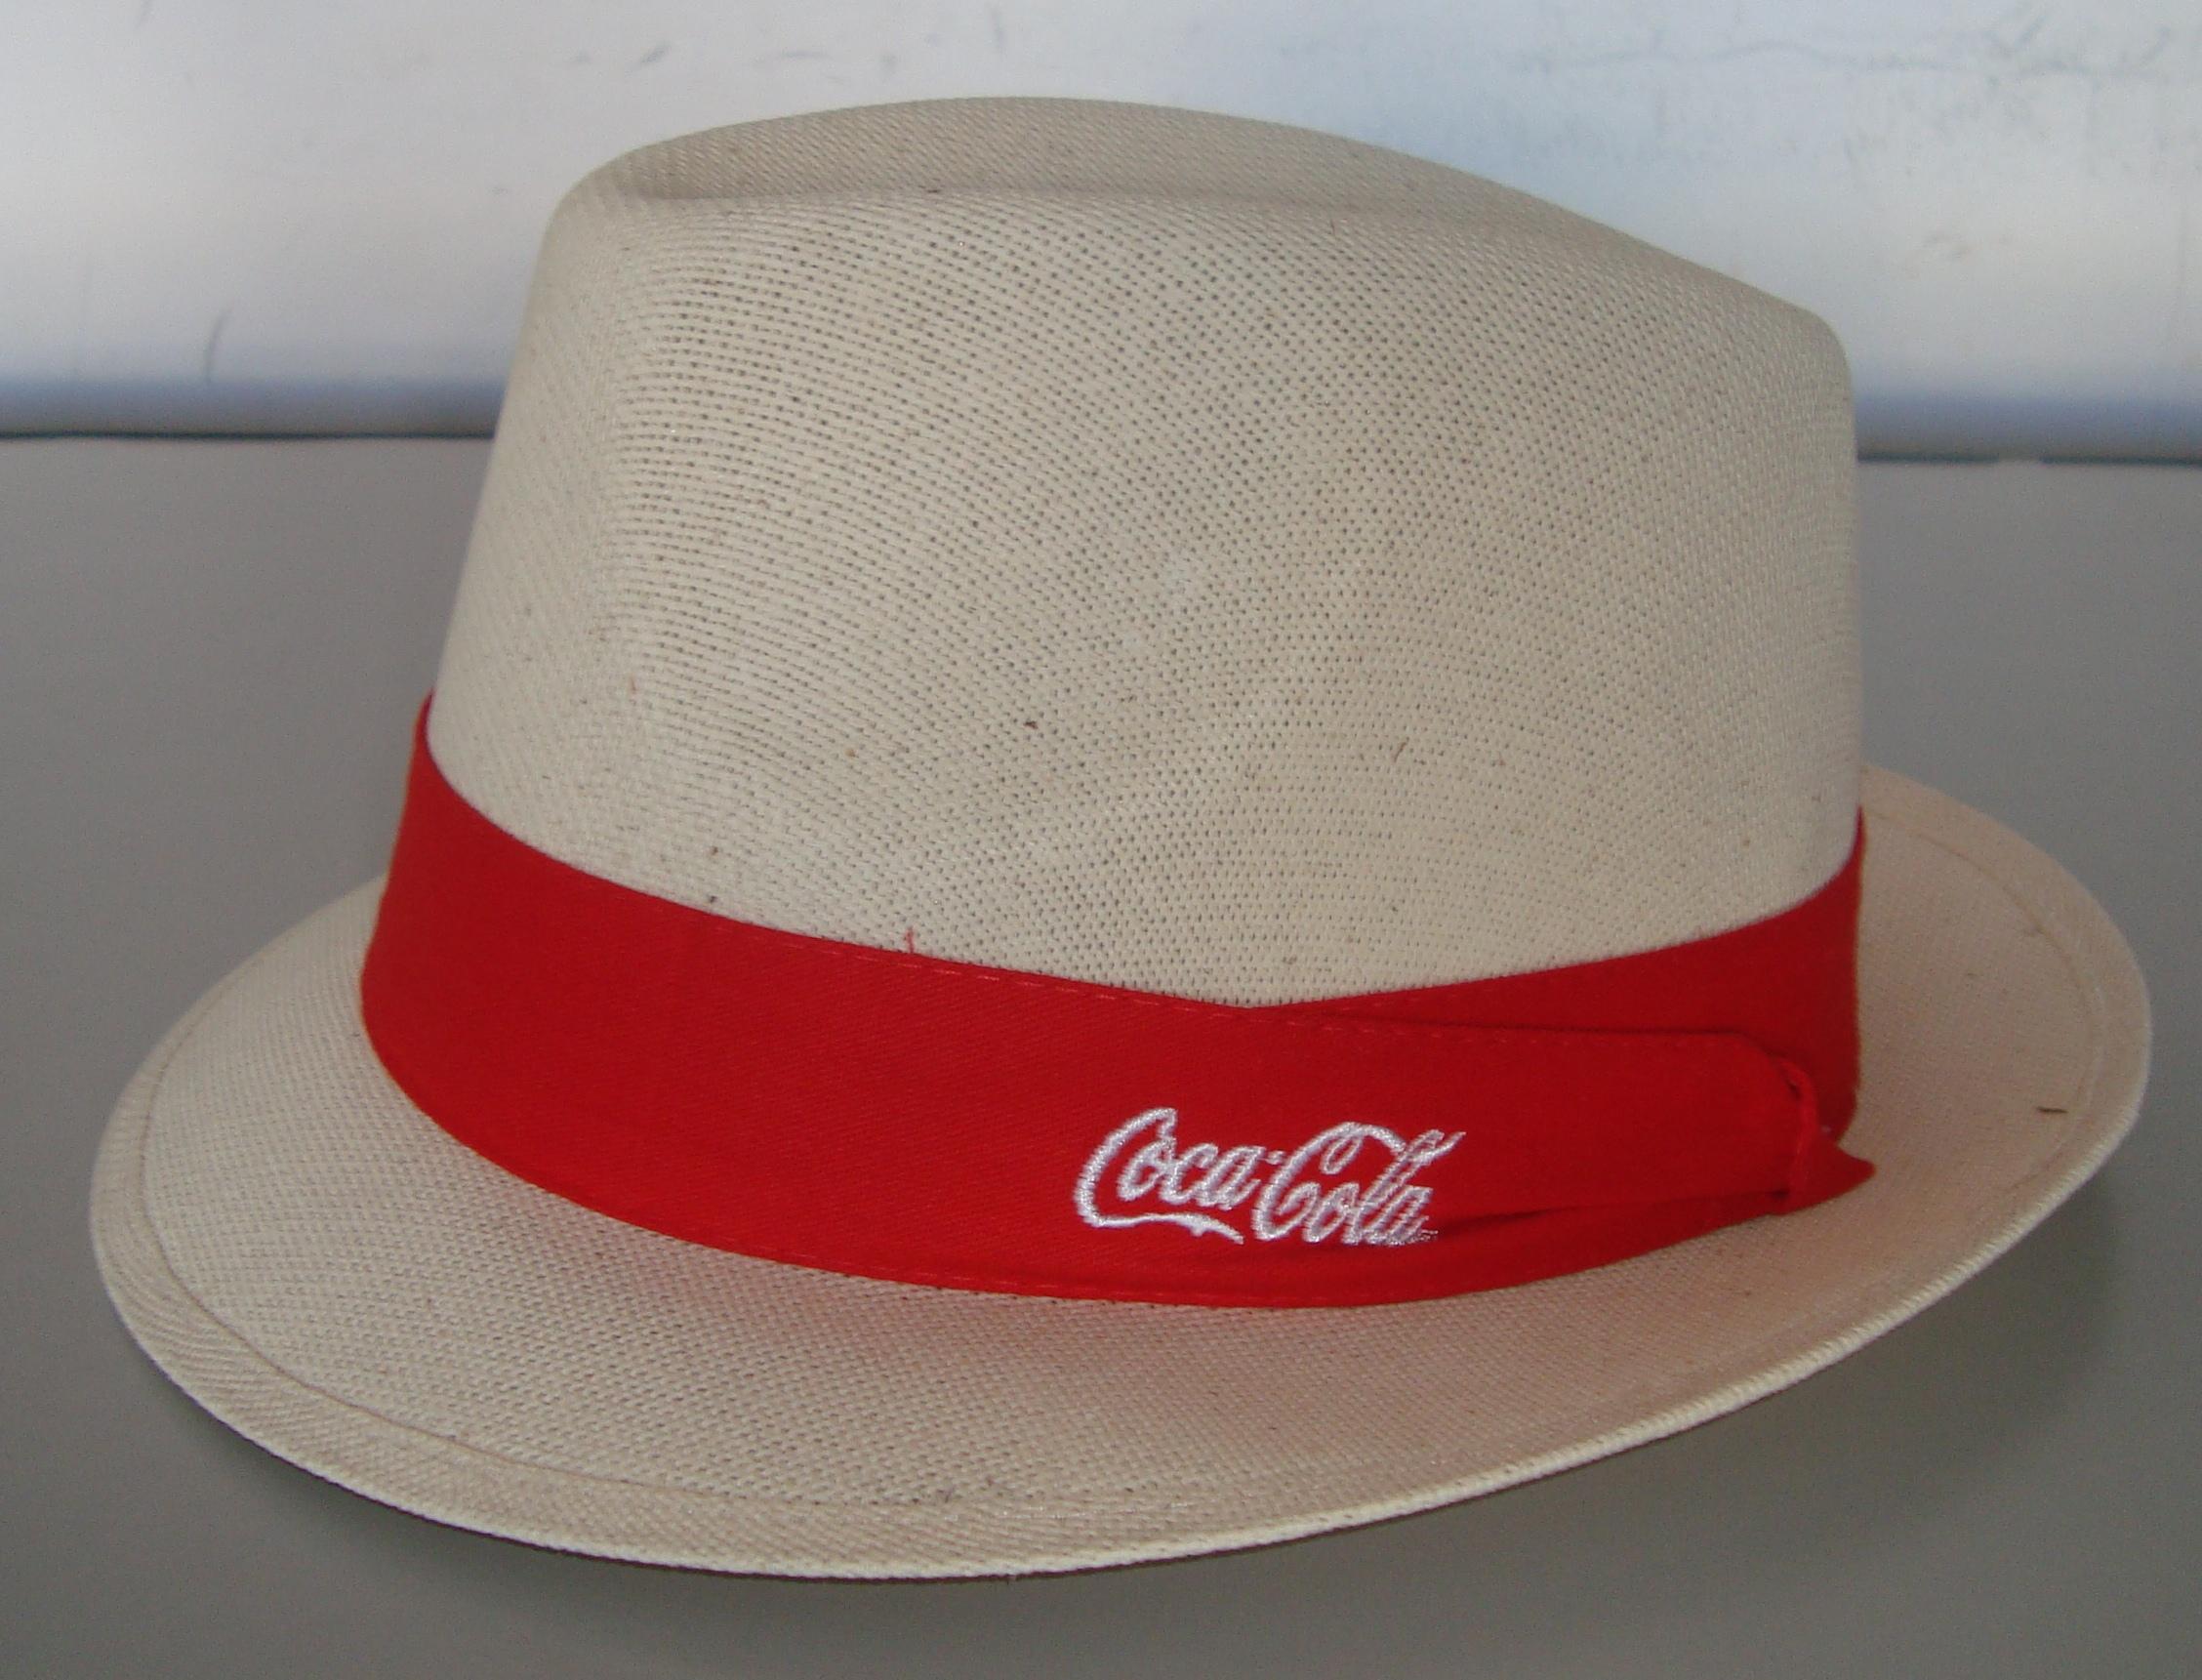 25ec7e662 Chapéus Sambódromo de Lona tipo Panamá